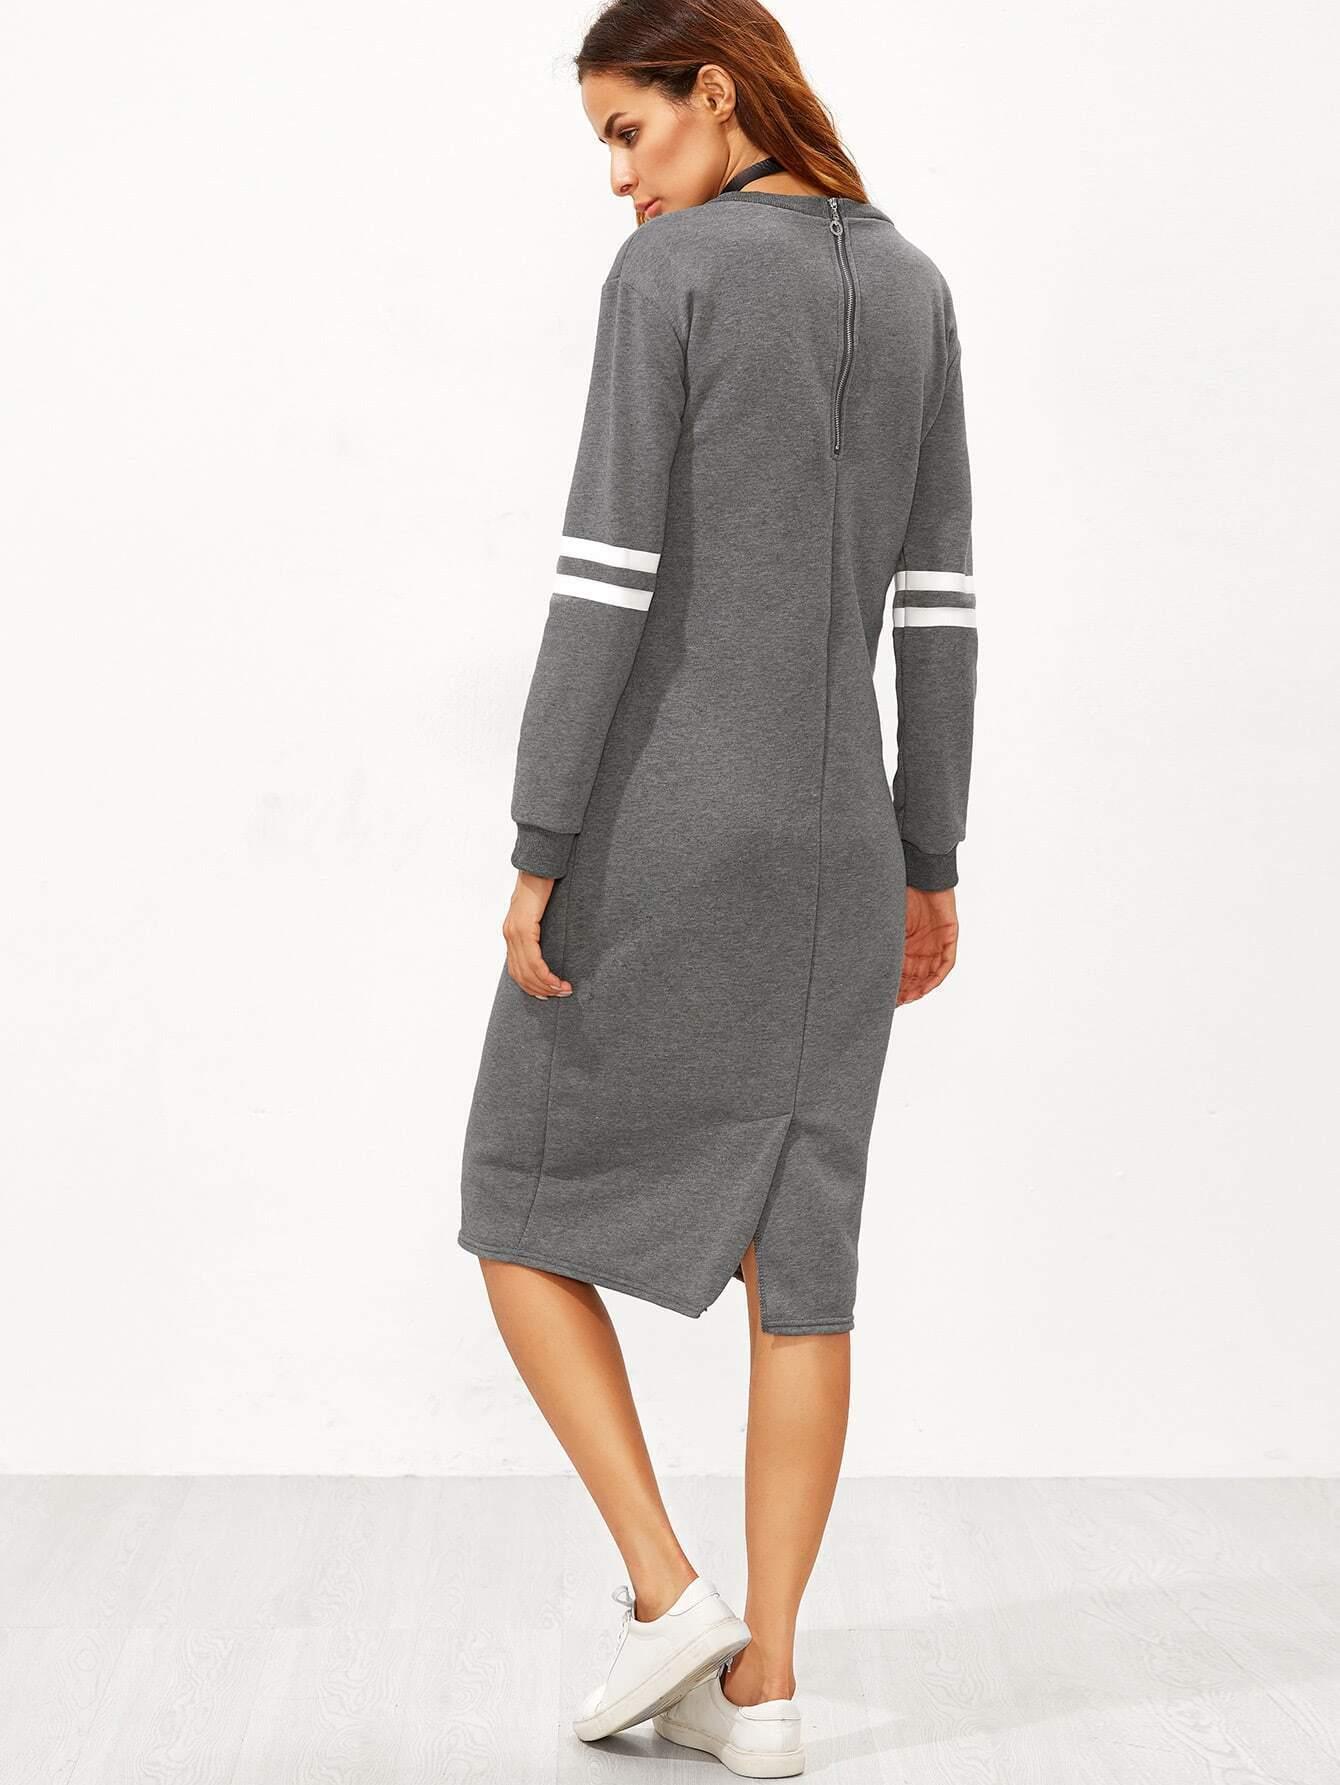 dress160908106_2